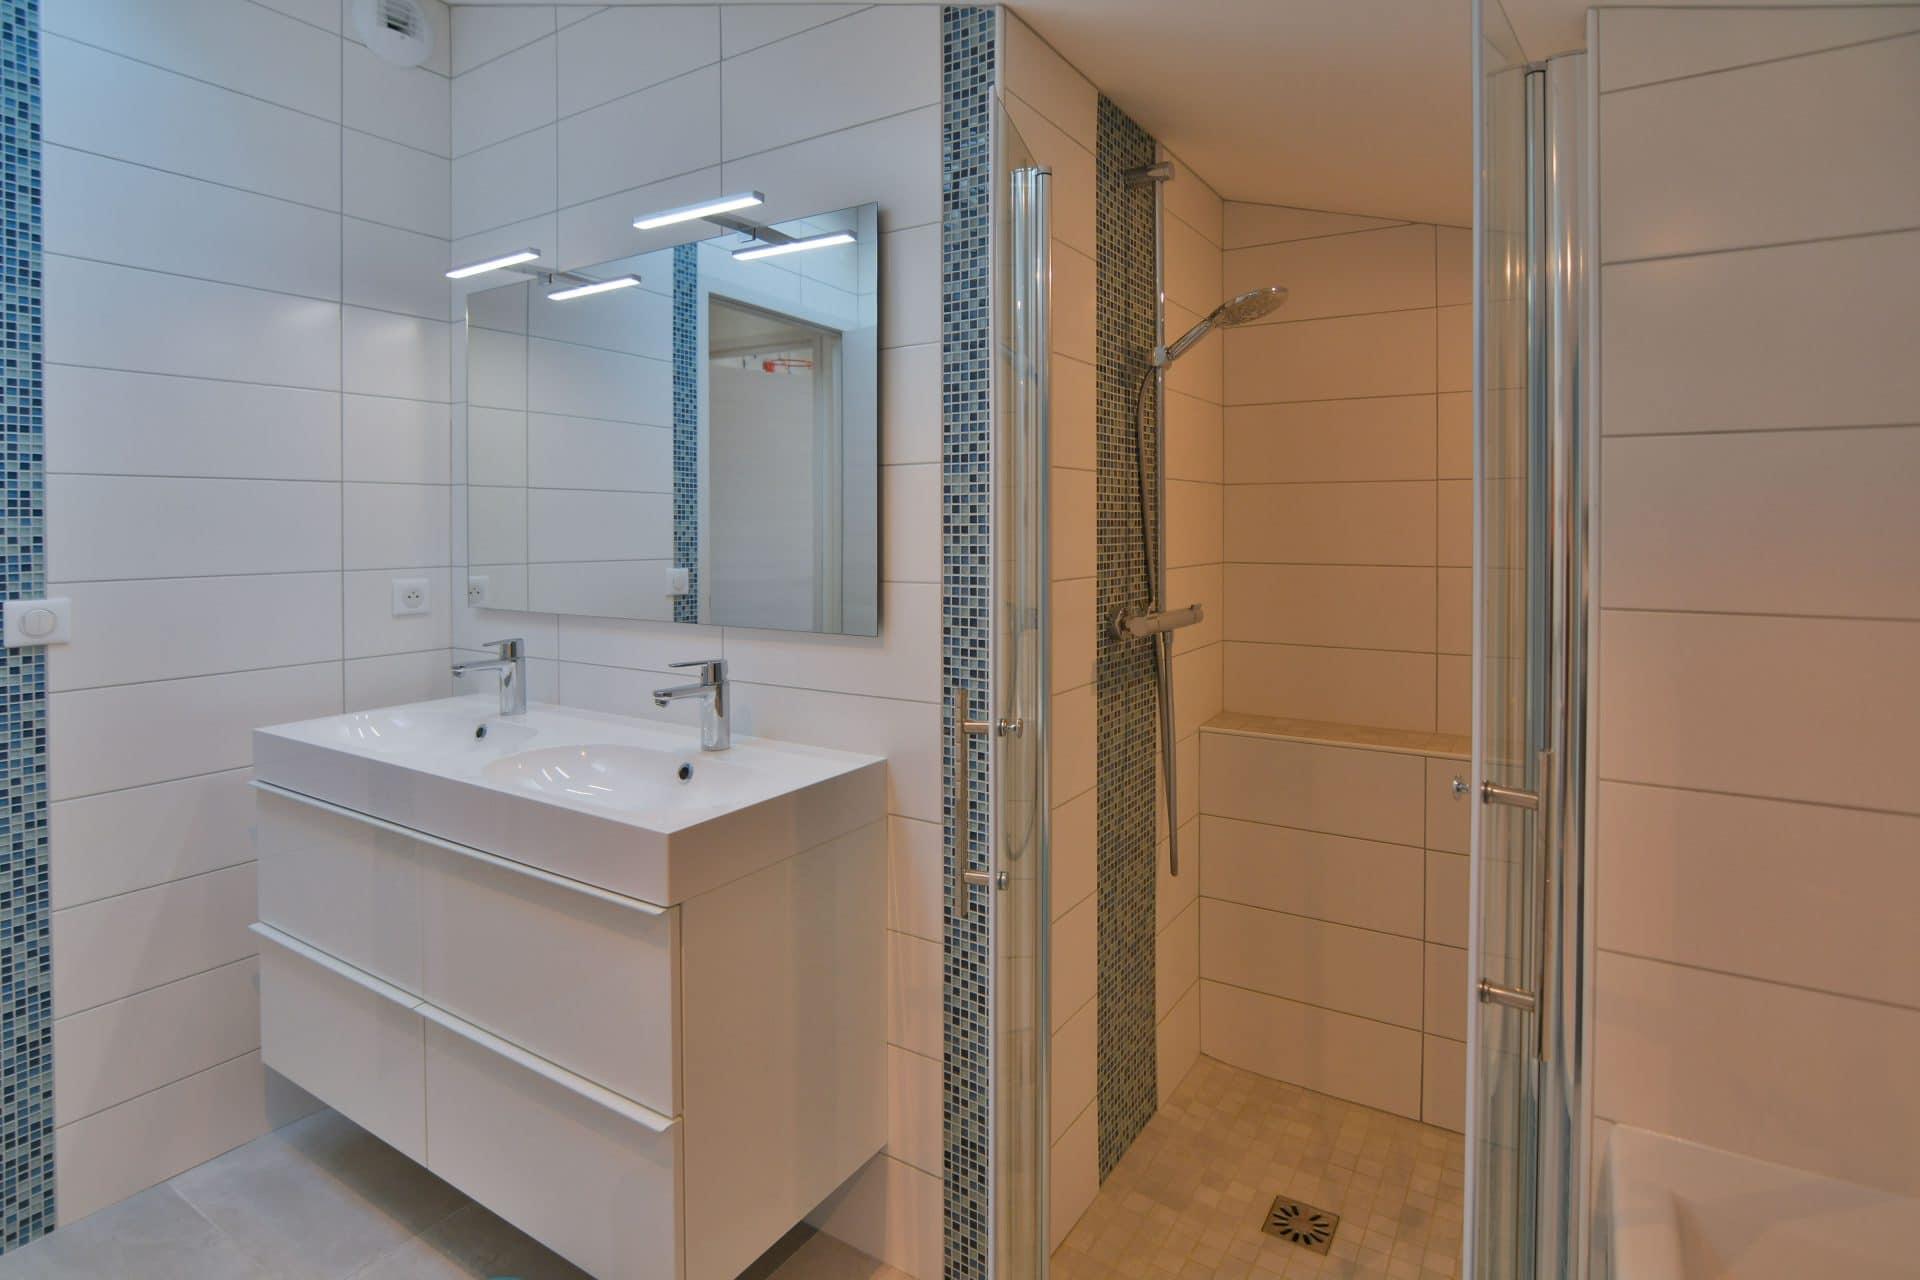 Salle De Bain Montpellier travaux et rénovation de salle de bain à montpellier (34